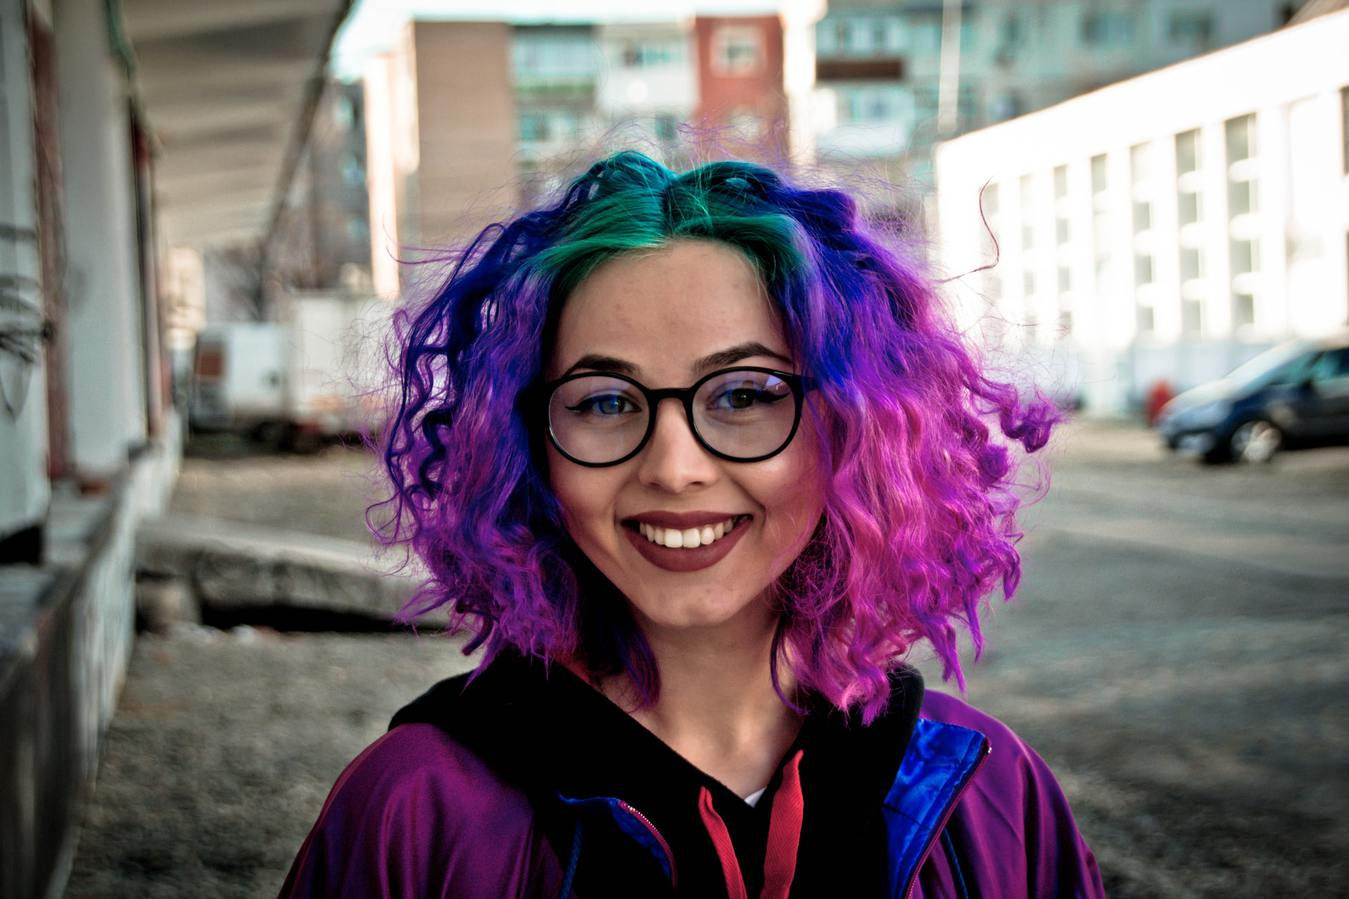 Wanita memakai wig berwarna hijau, biru, ungu